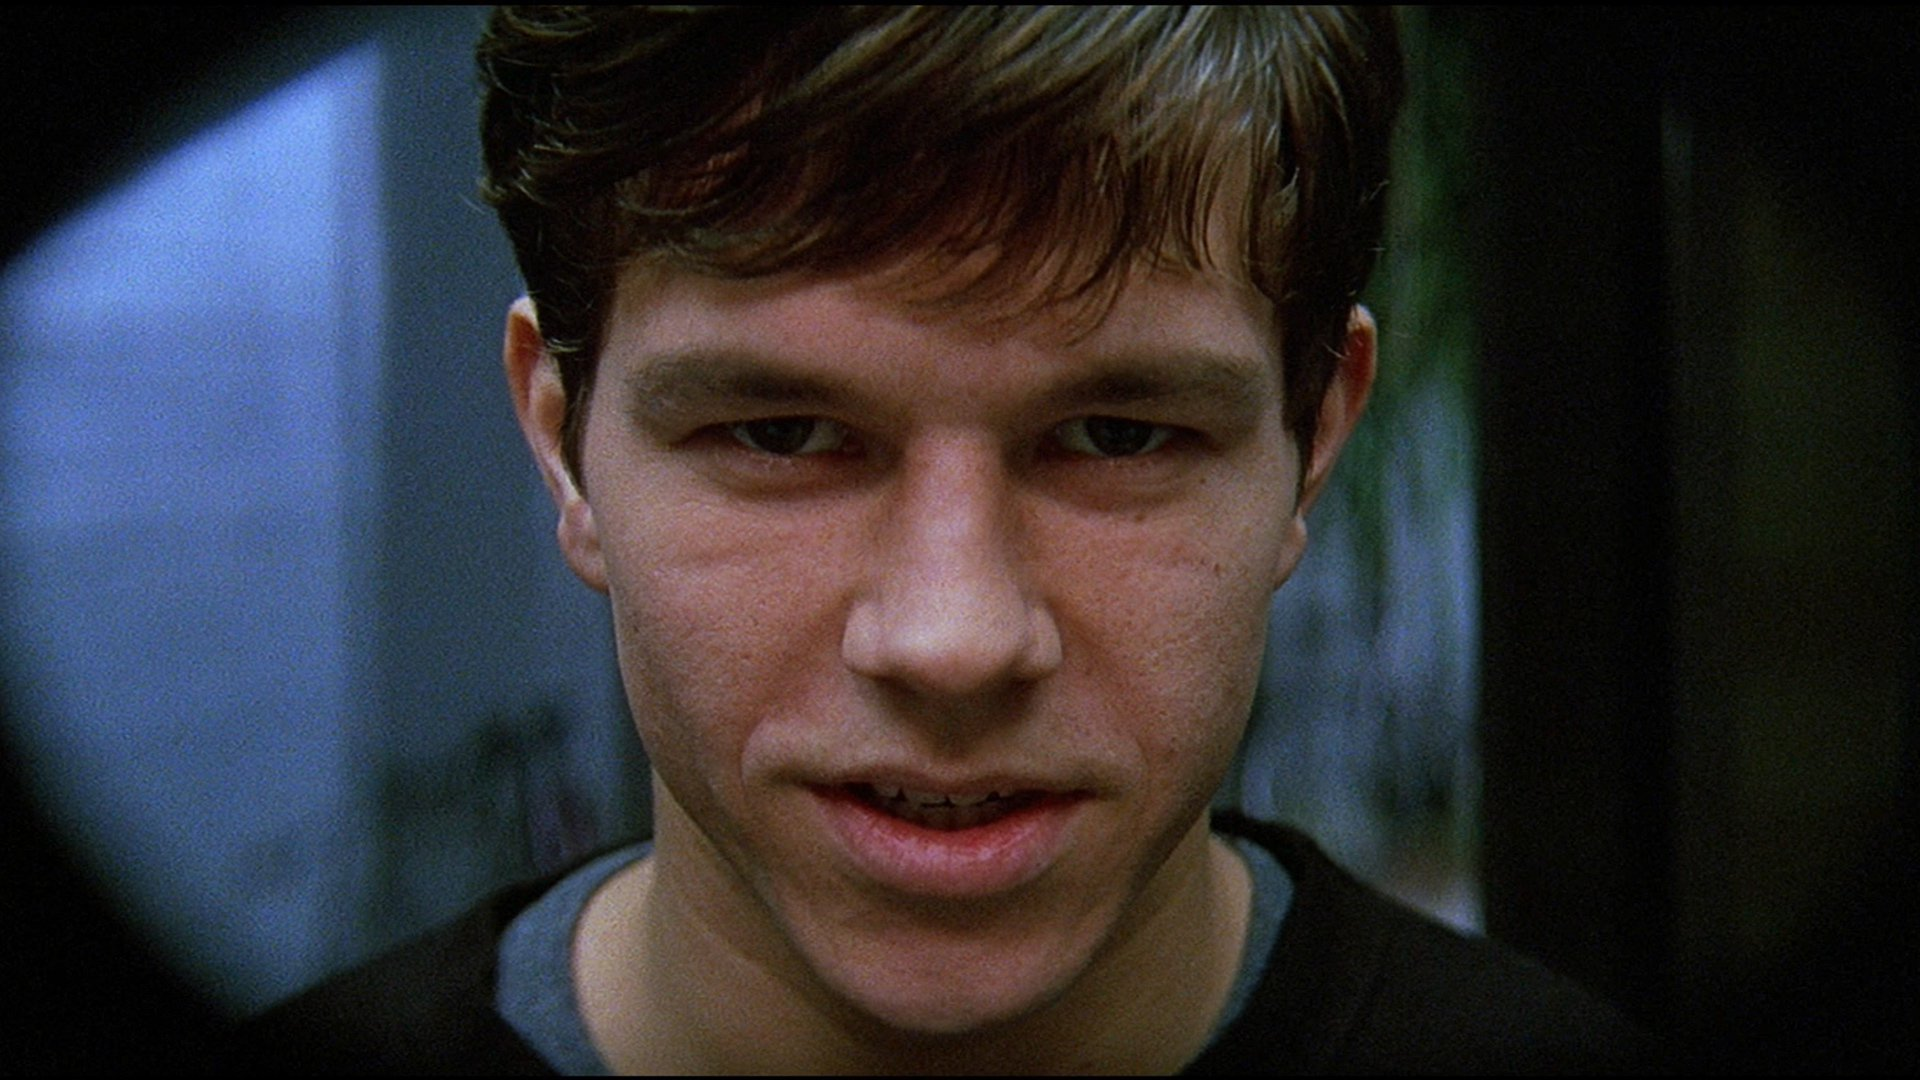 Alyssa Milano Movie Scenes we love '90s horror] embracing the trashy pleasures of 'fear